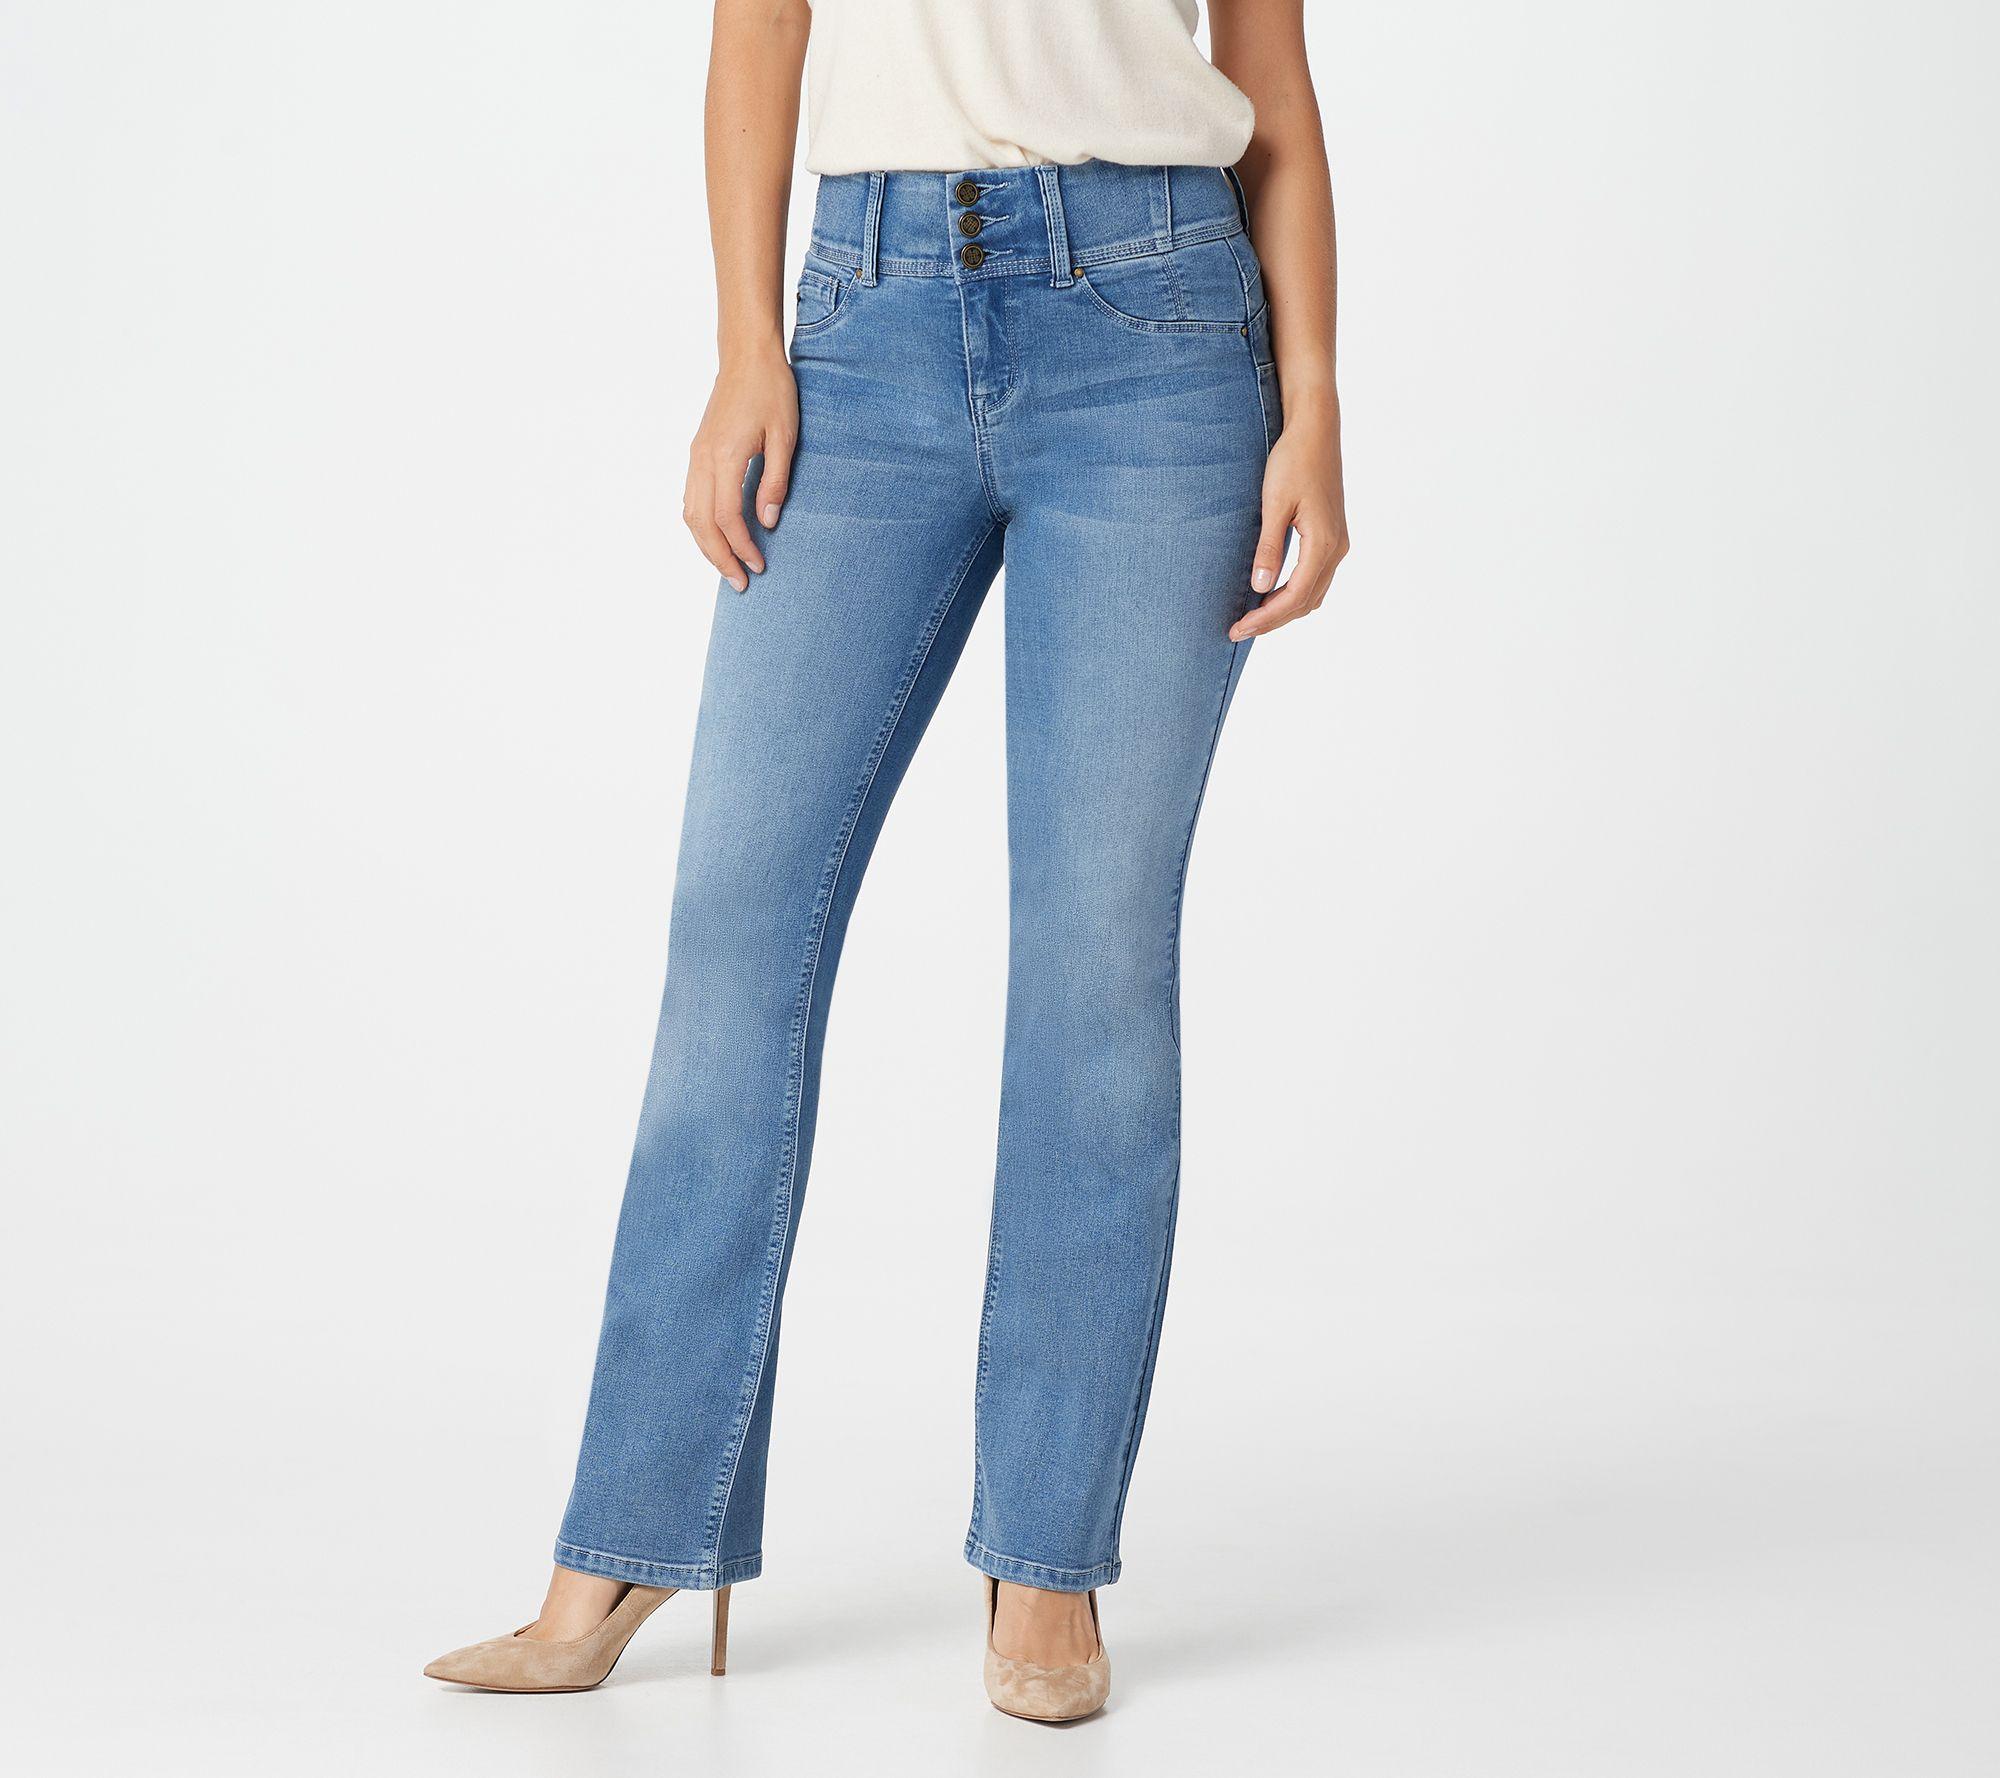 605102850c0a0 Laurie Felt Regular Curve Silky Denim Boot-Cut Jeans - Page 1 — QVC.com